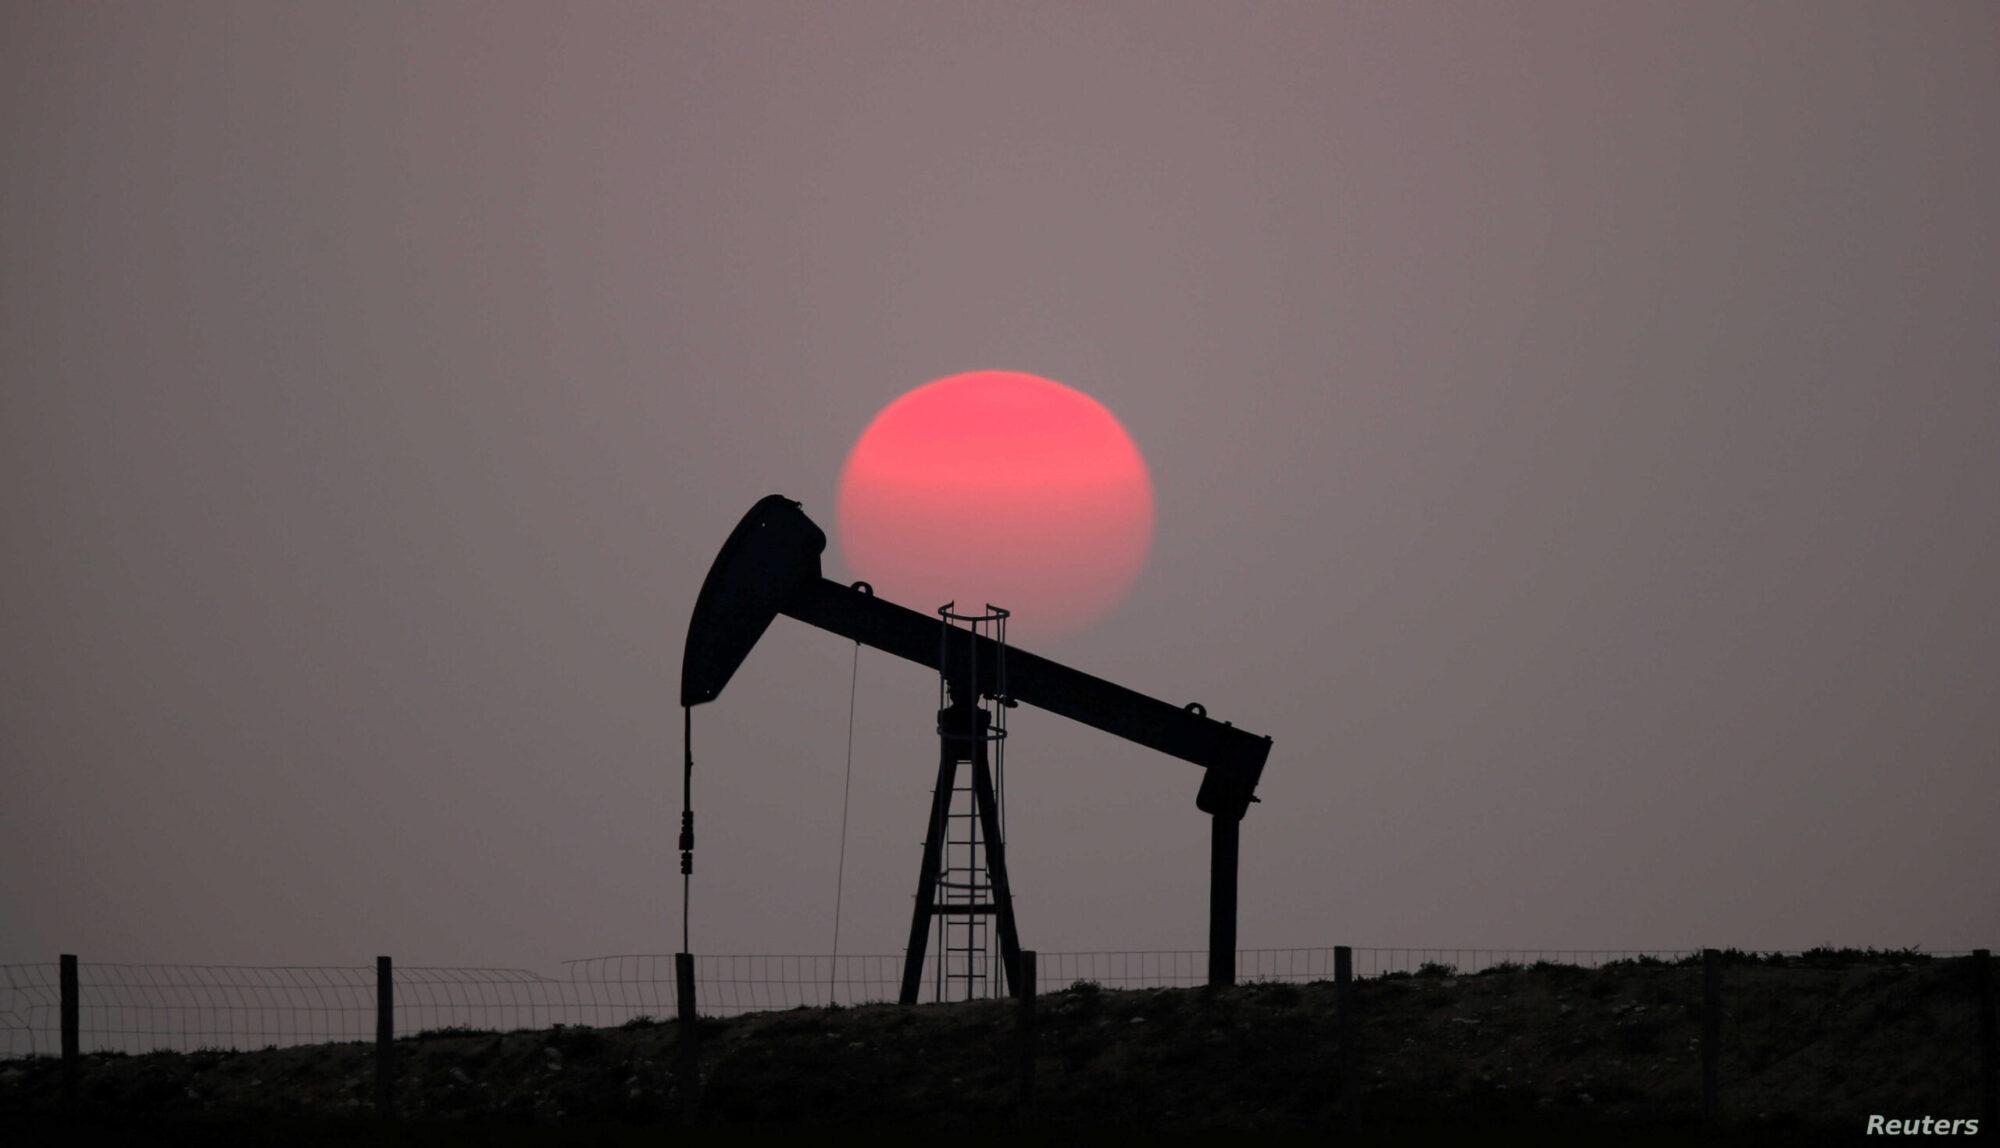 La suba del Brent: Un dato positivo para la industria y que le mete presión a las naftas